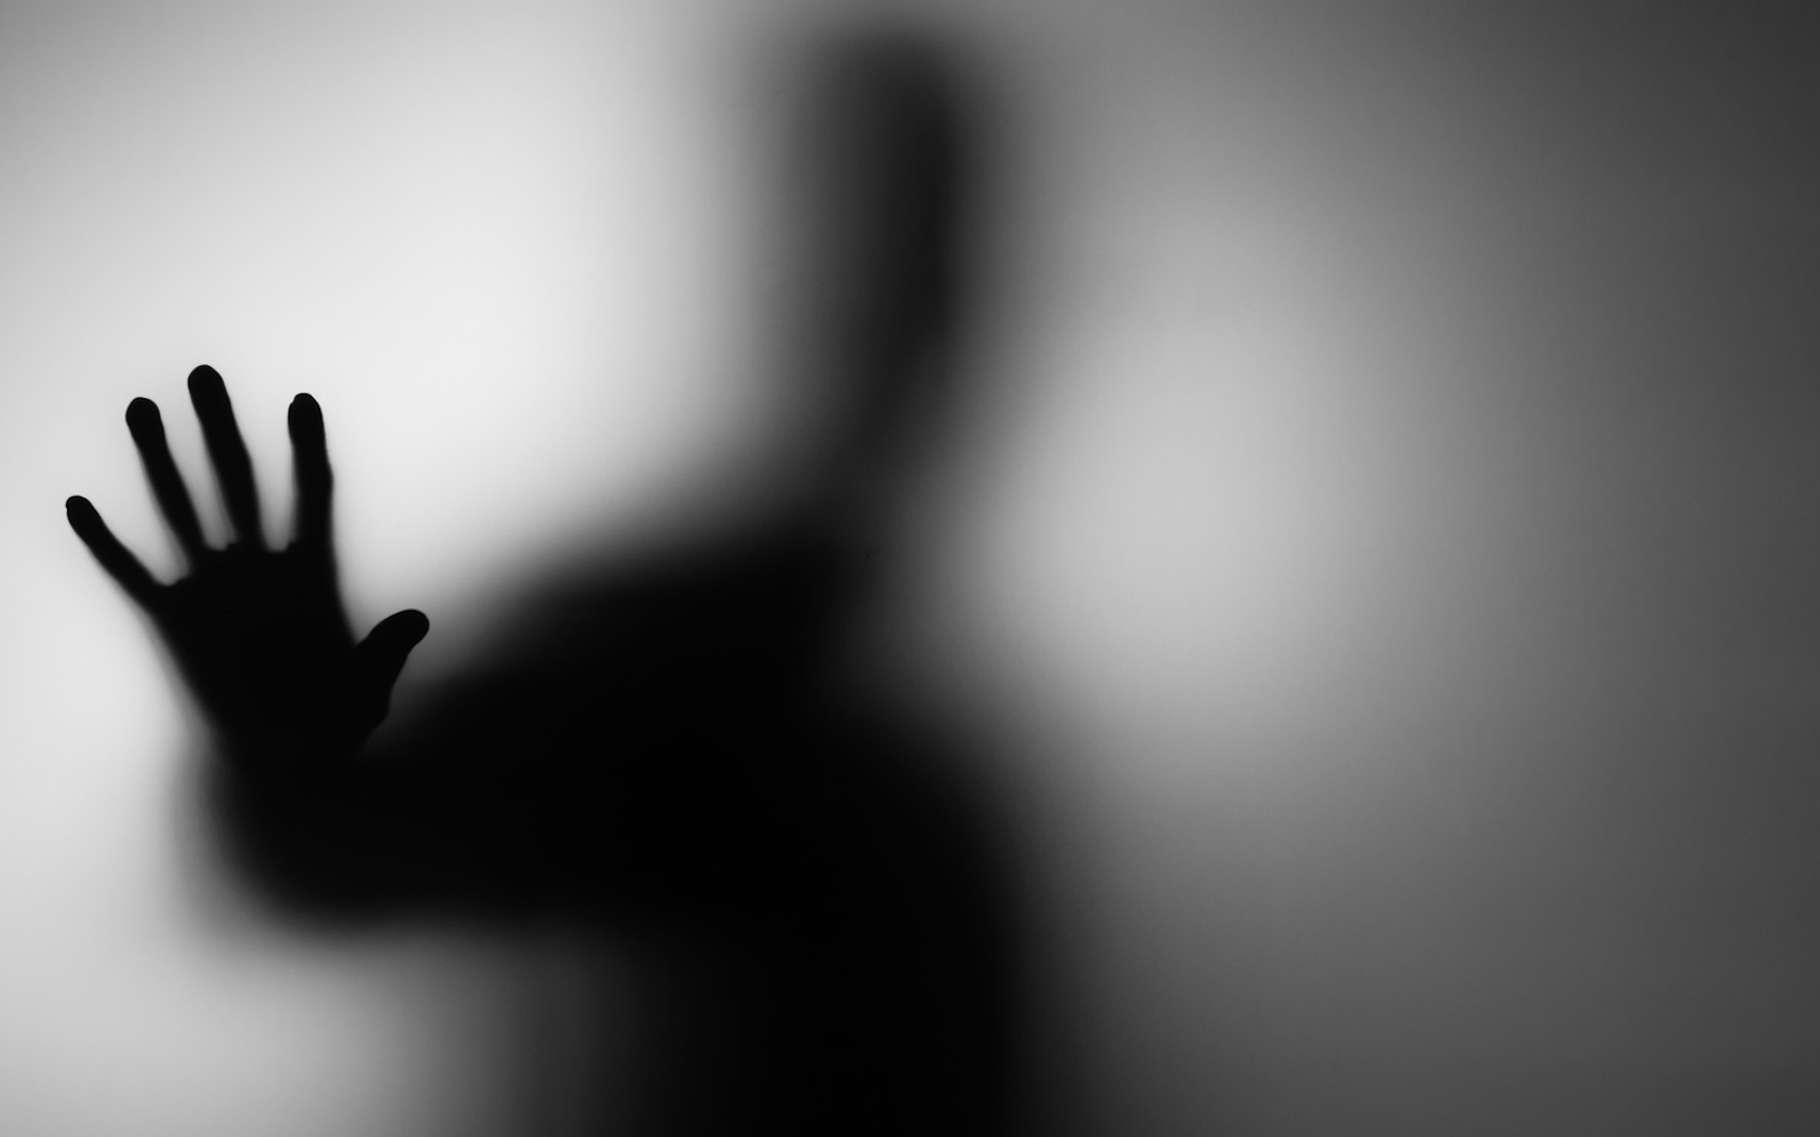 Les fantômes hantent nos pires cauchemars. Mais pas de panique! Les chercheurs affirment qu'ils n'existent pas. © casfotoarda, Fotolia